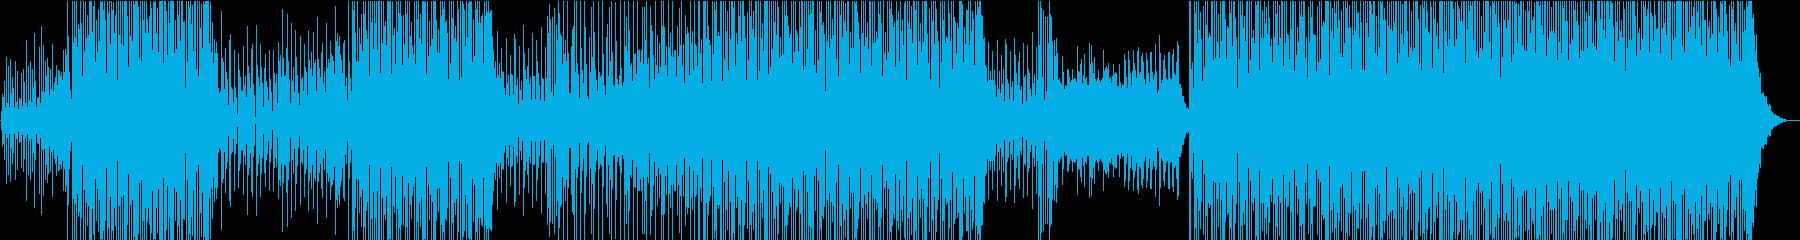 アップテンポのEDM / Tech...の再生済みの波形